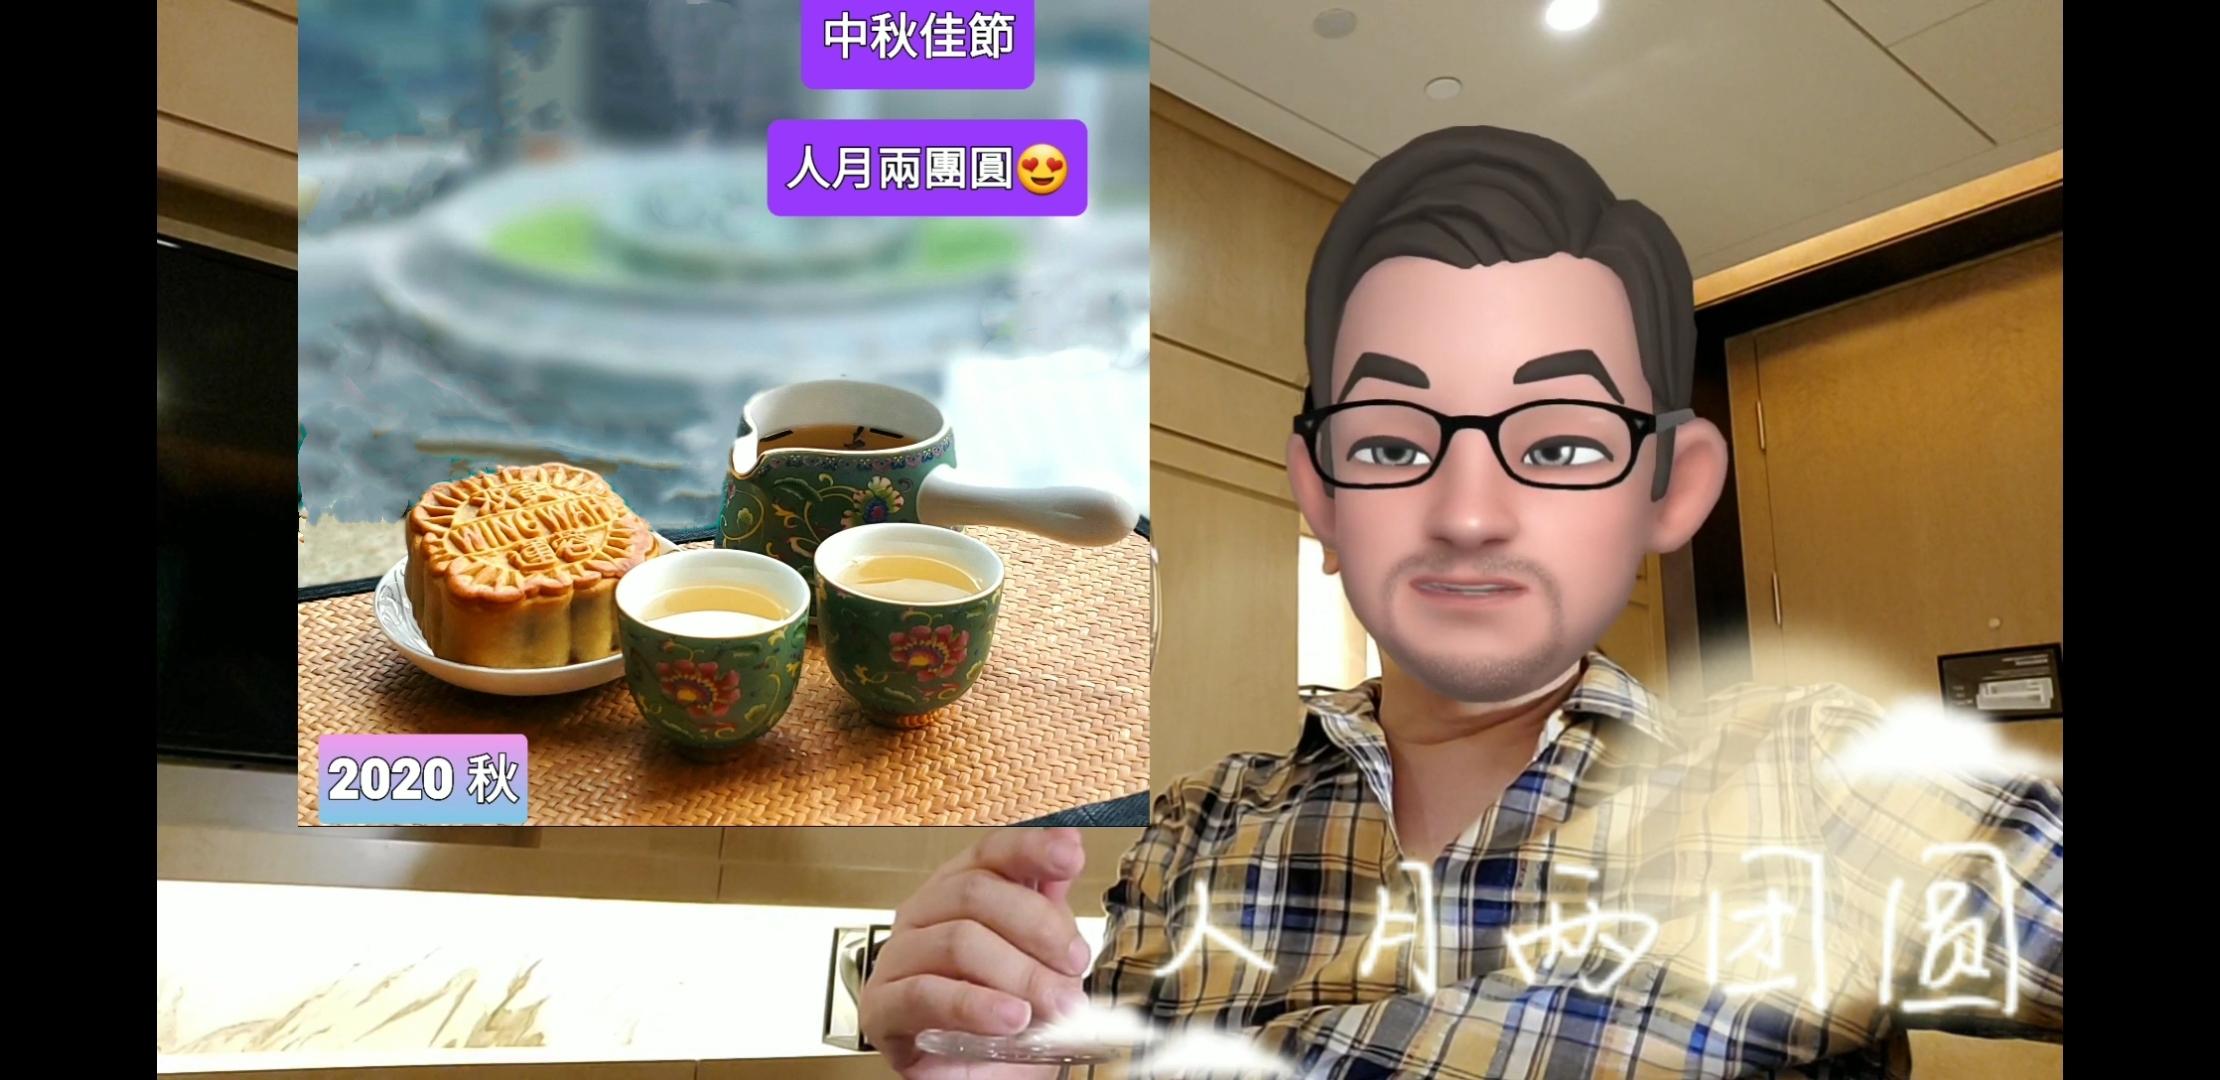 中秋智飲慧食,食得開心又防病!(節日學習食療系列 Holiday TCM Diet)